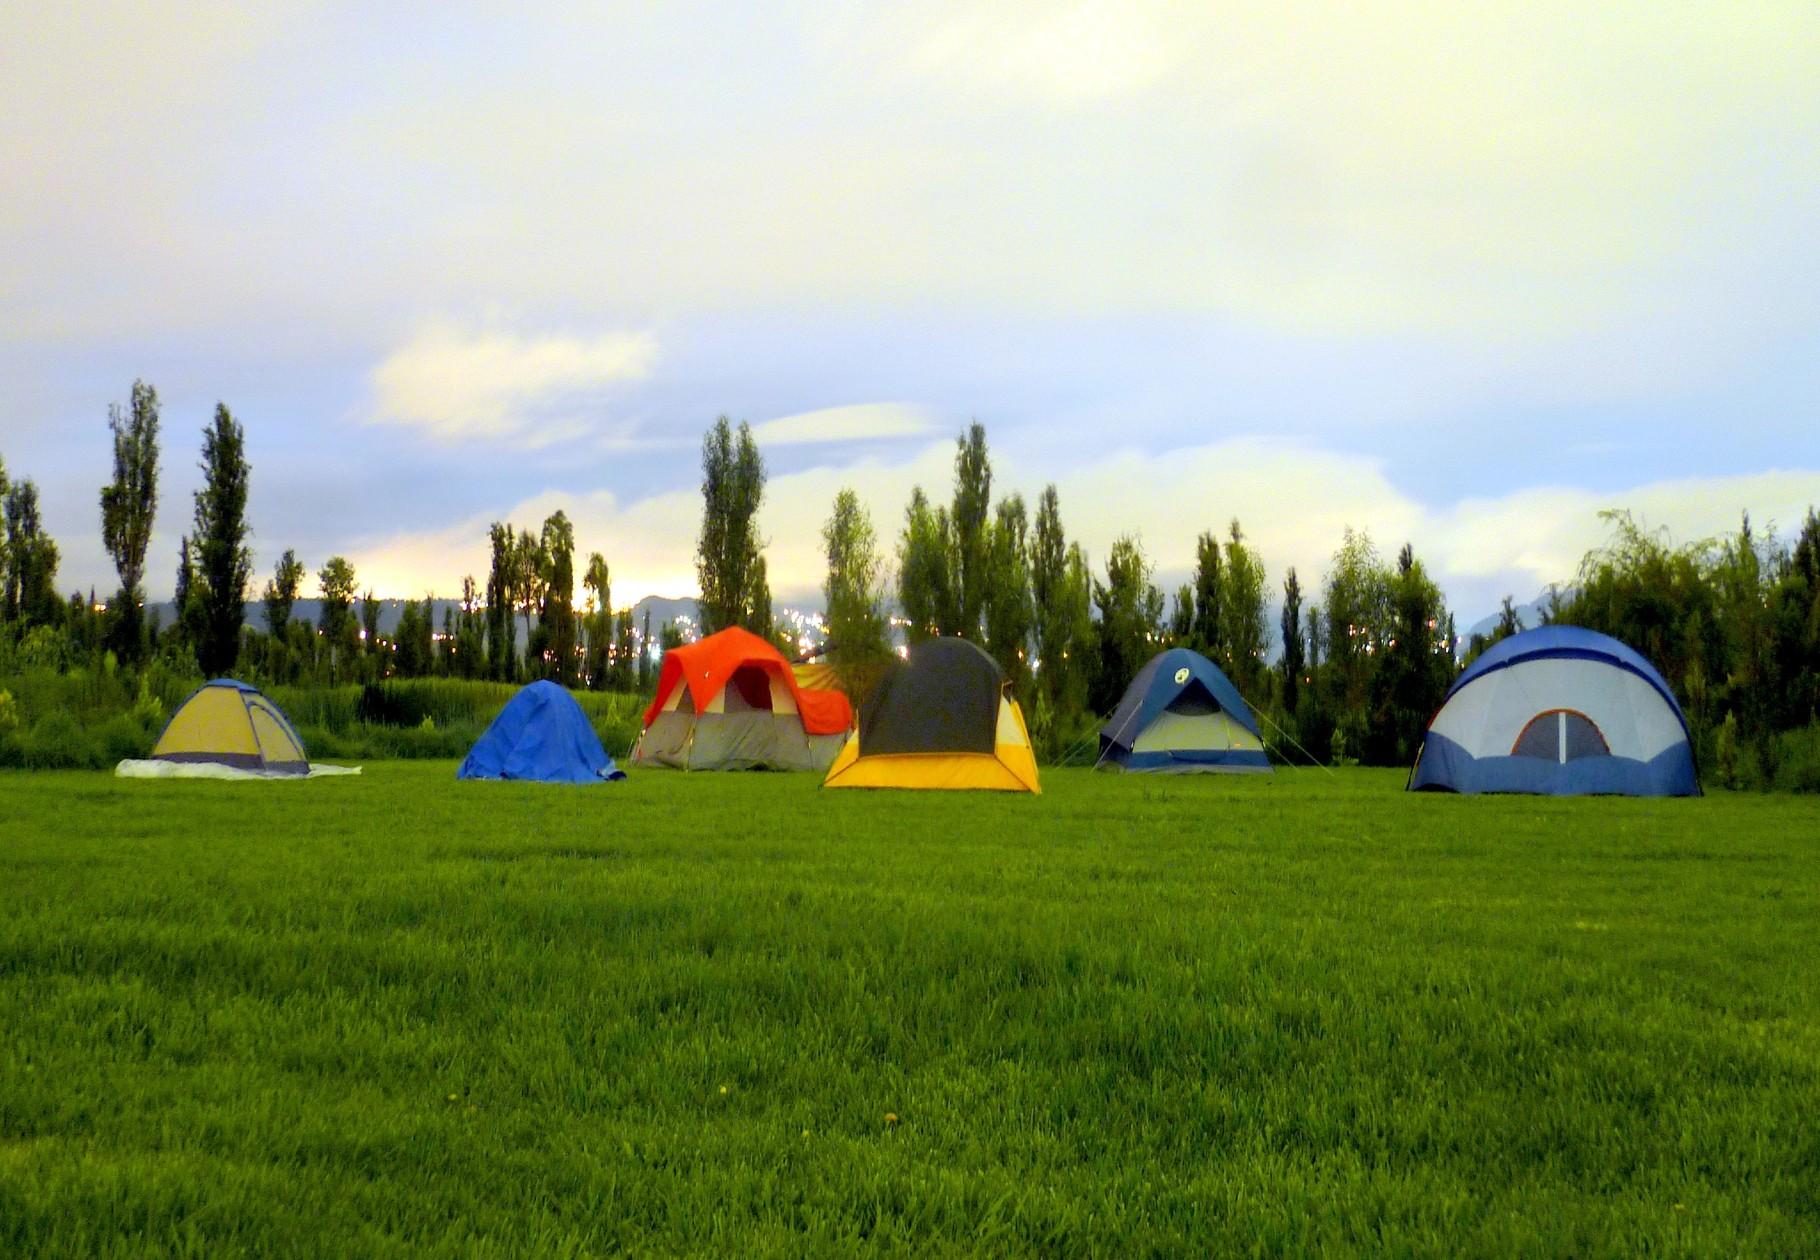 Ecoturismo Olintlalli te ofrece ¡¡ Campismo sin salir de la ciudad!!